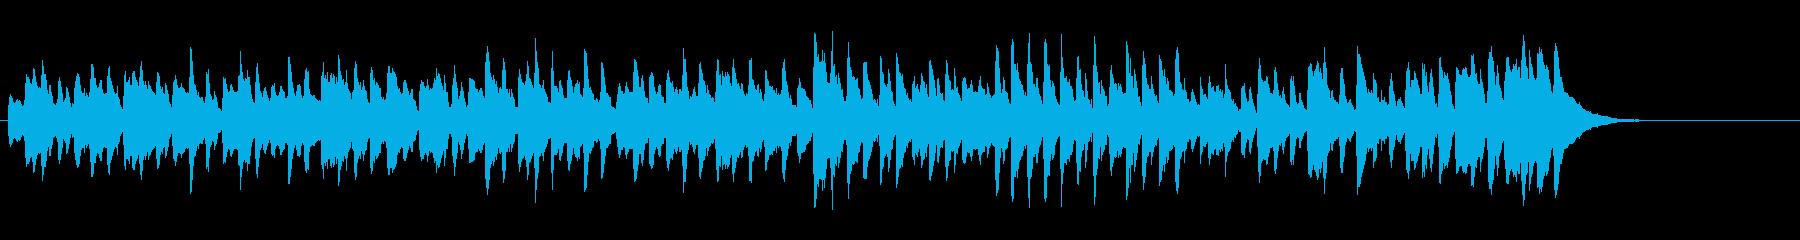 グラーツのワルツ第4番(シューベルト)の再生済みの波形